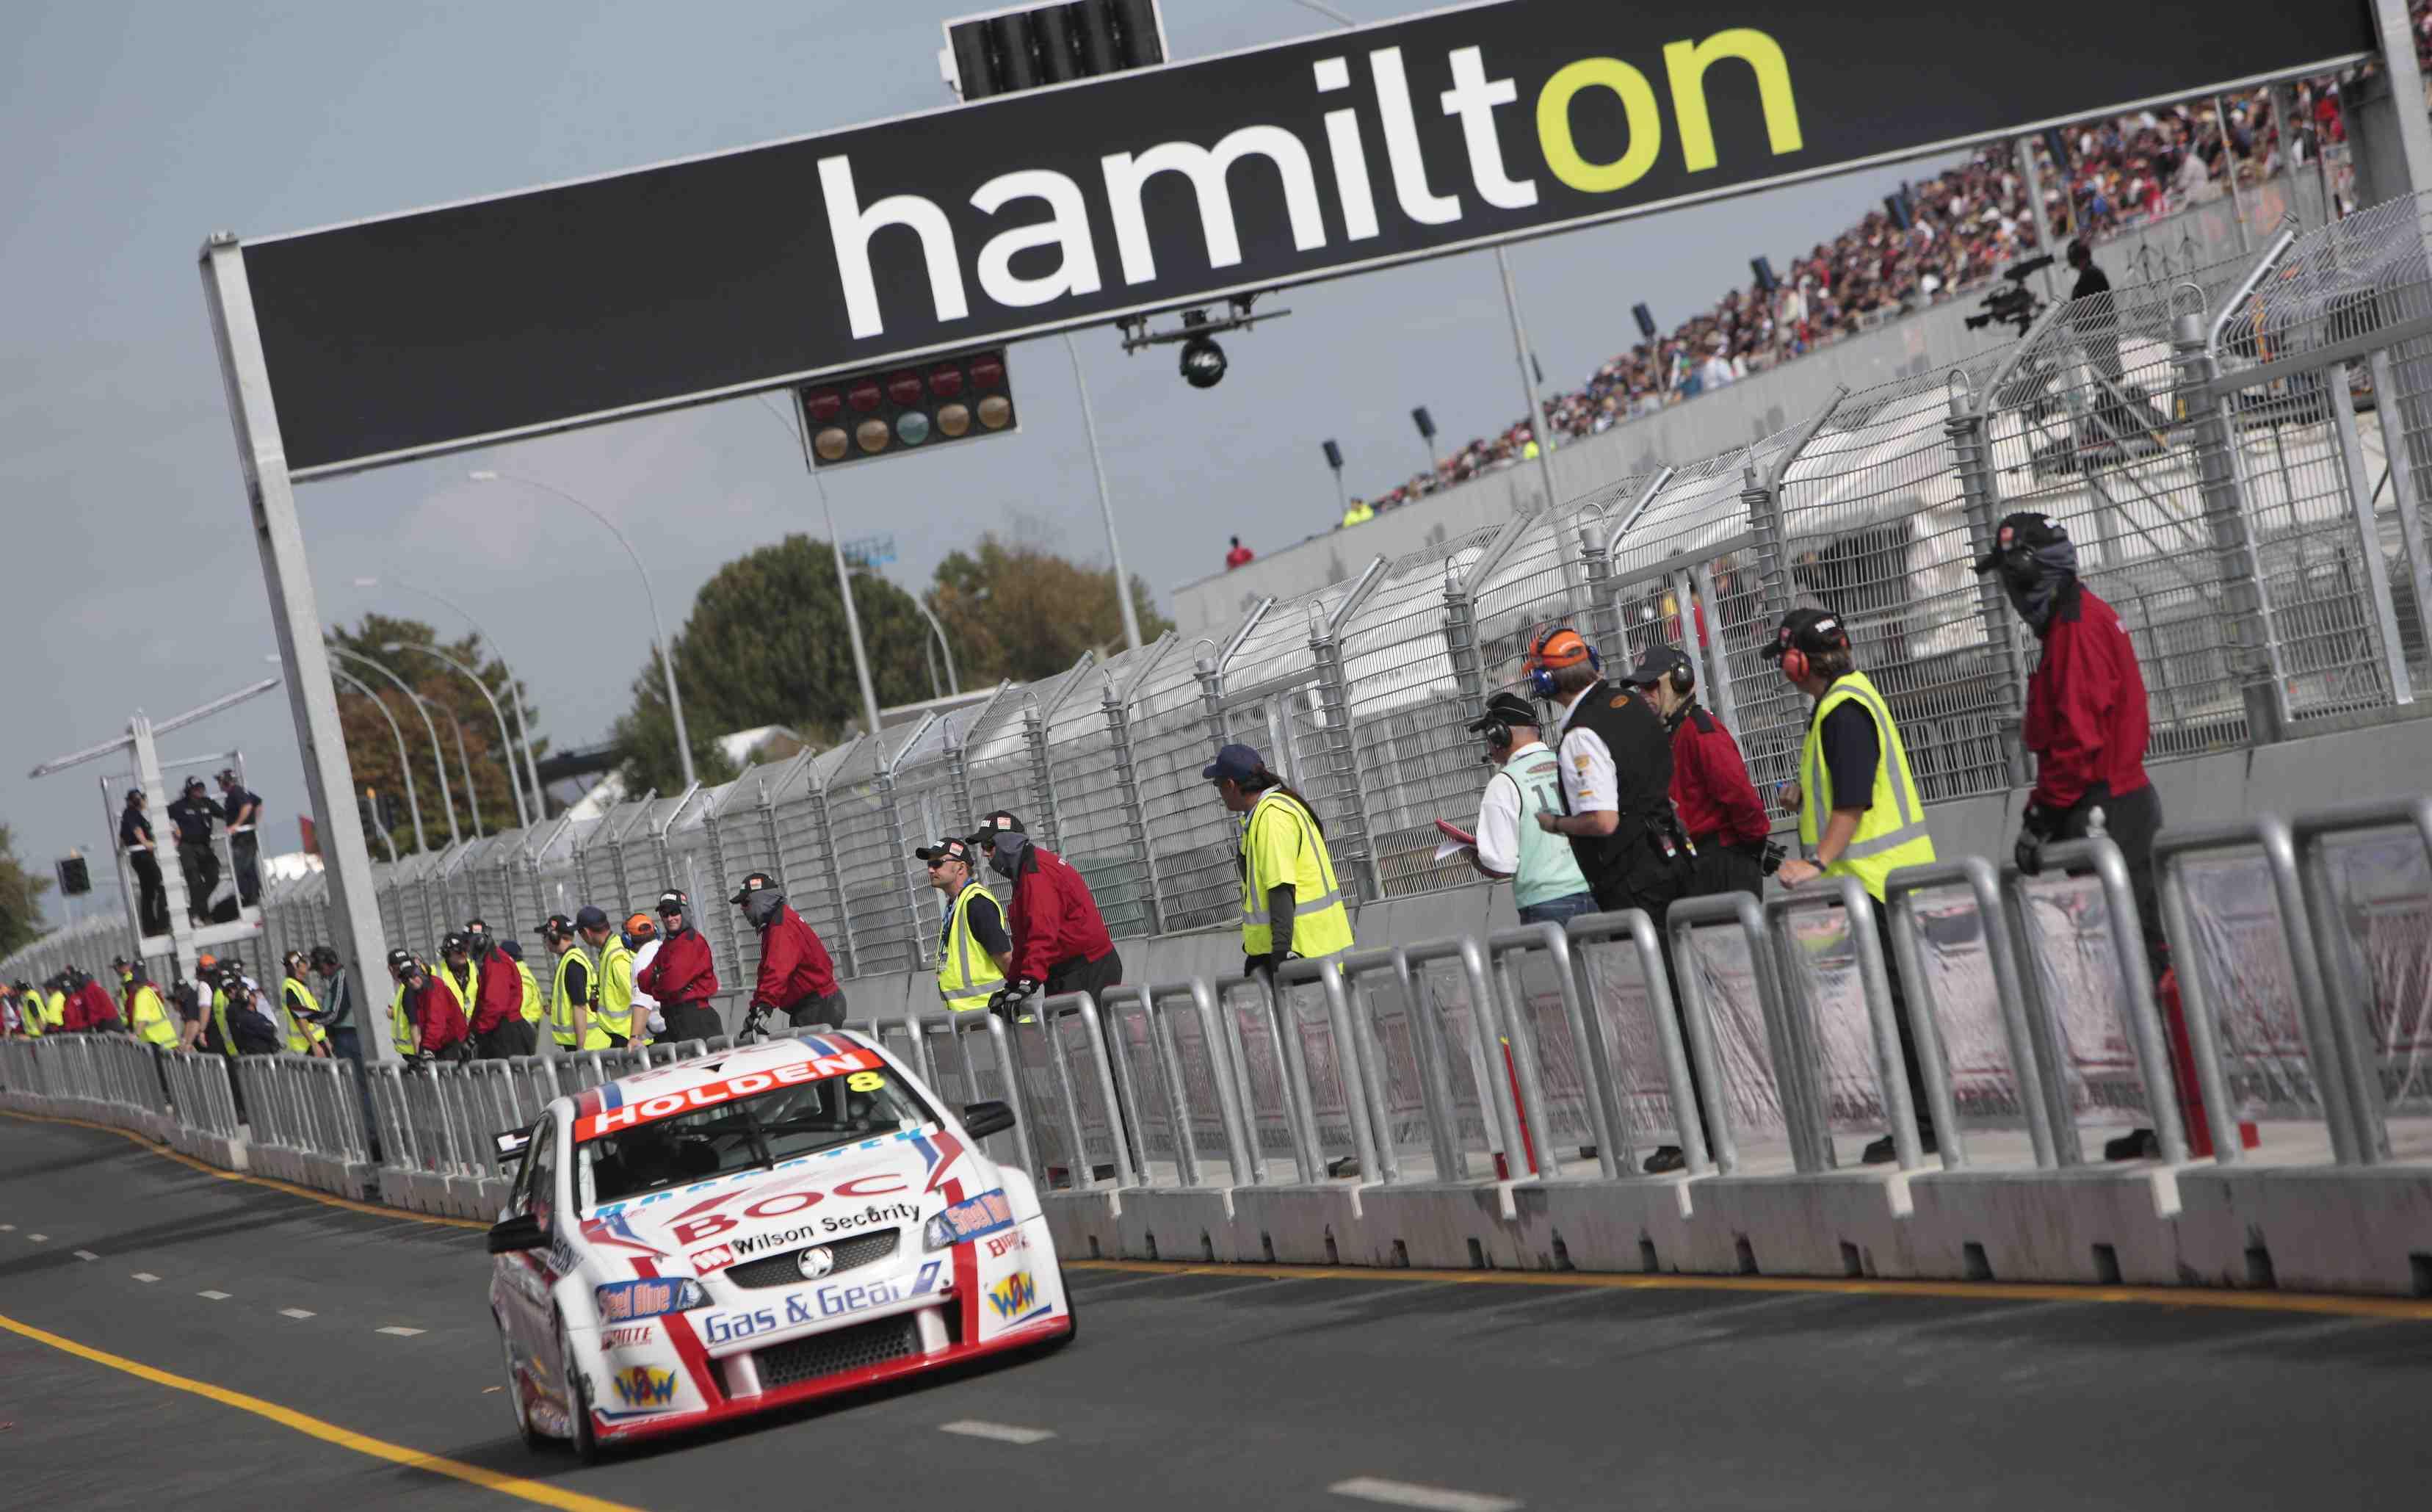 Slow Hamilton pre-race sales causes stir